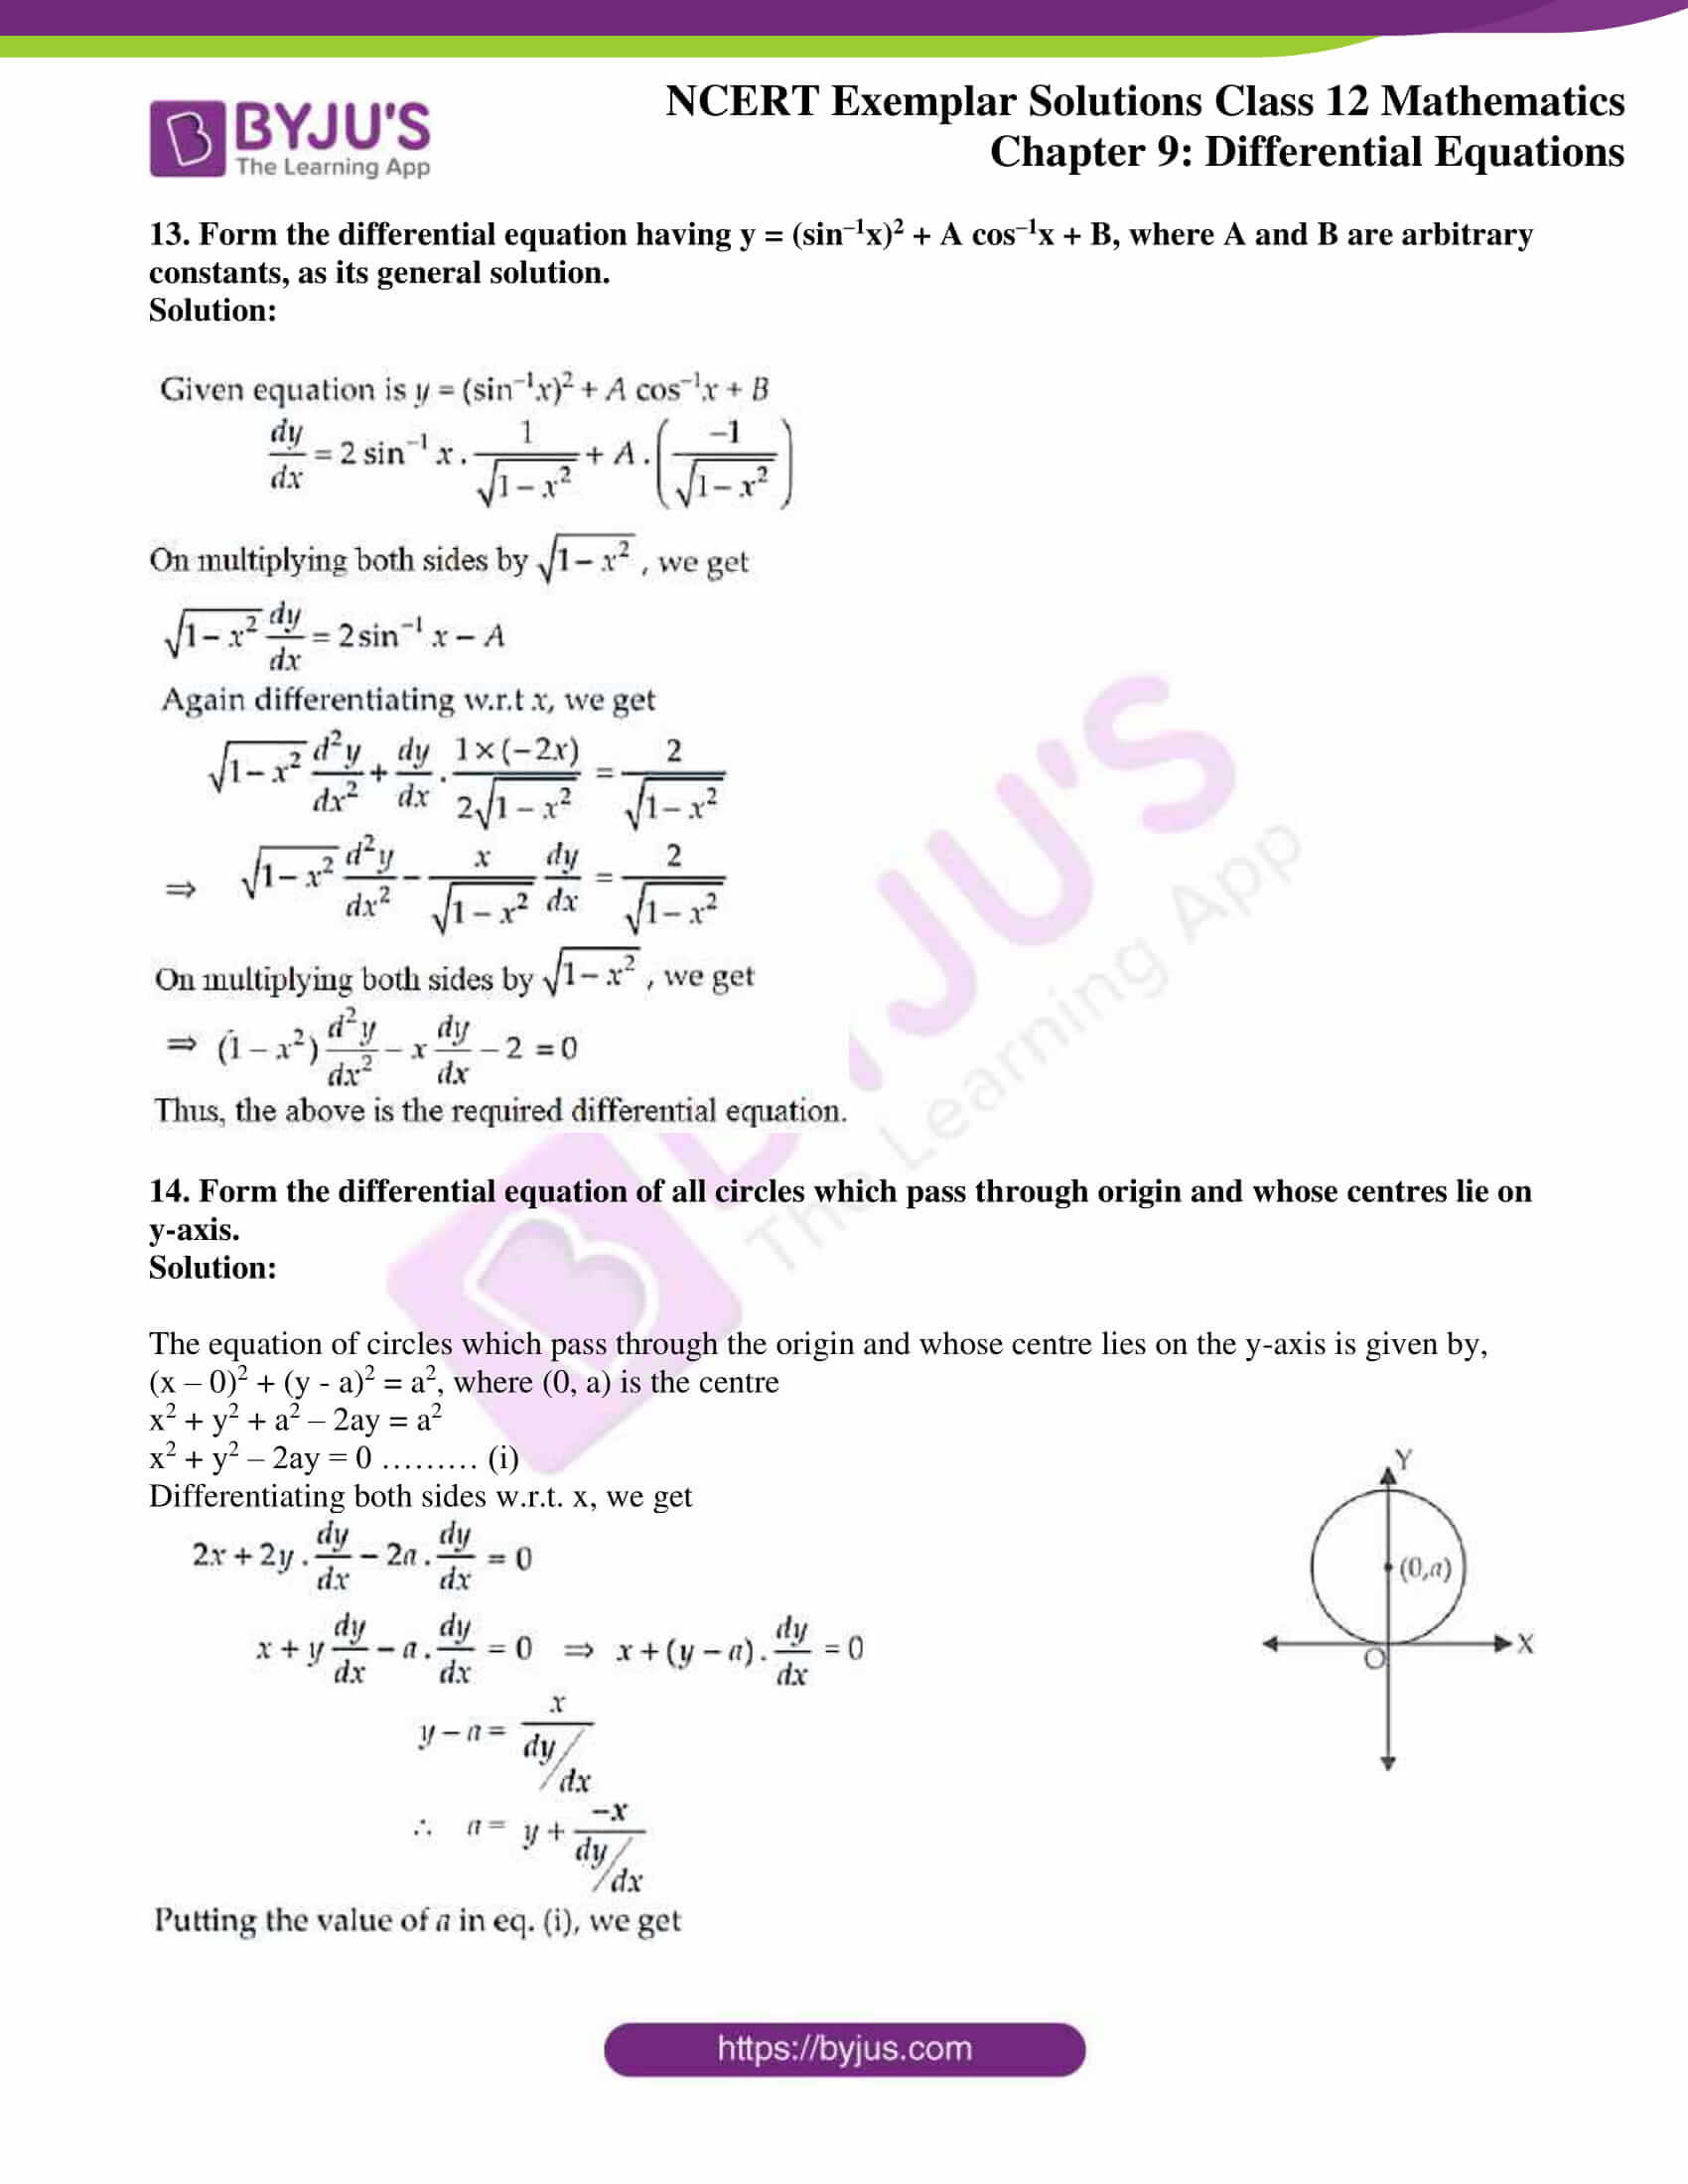 ncert exemplar sol class 12 mathematics ch 9 07